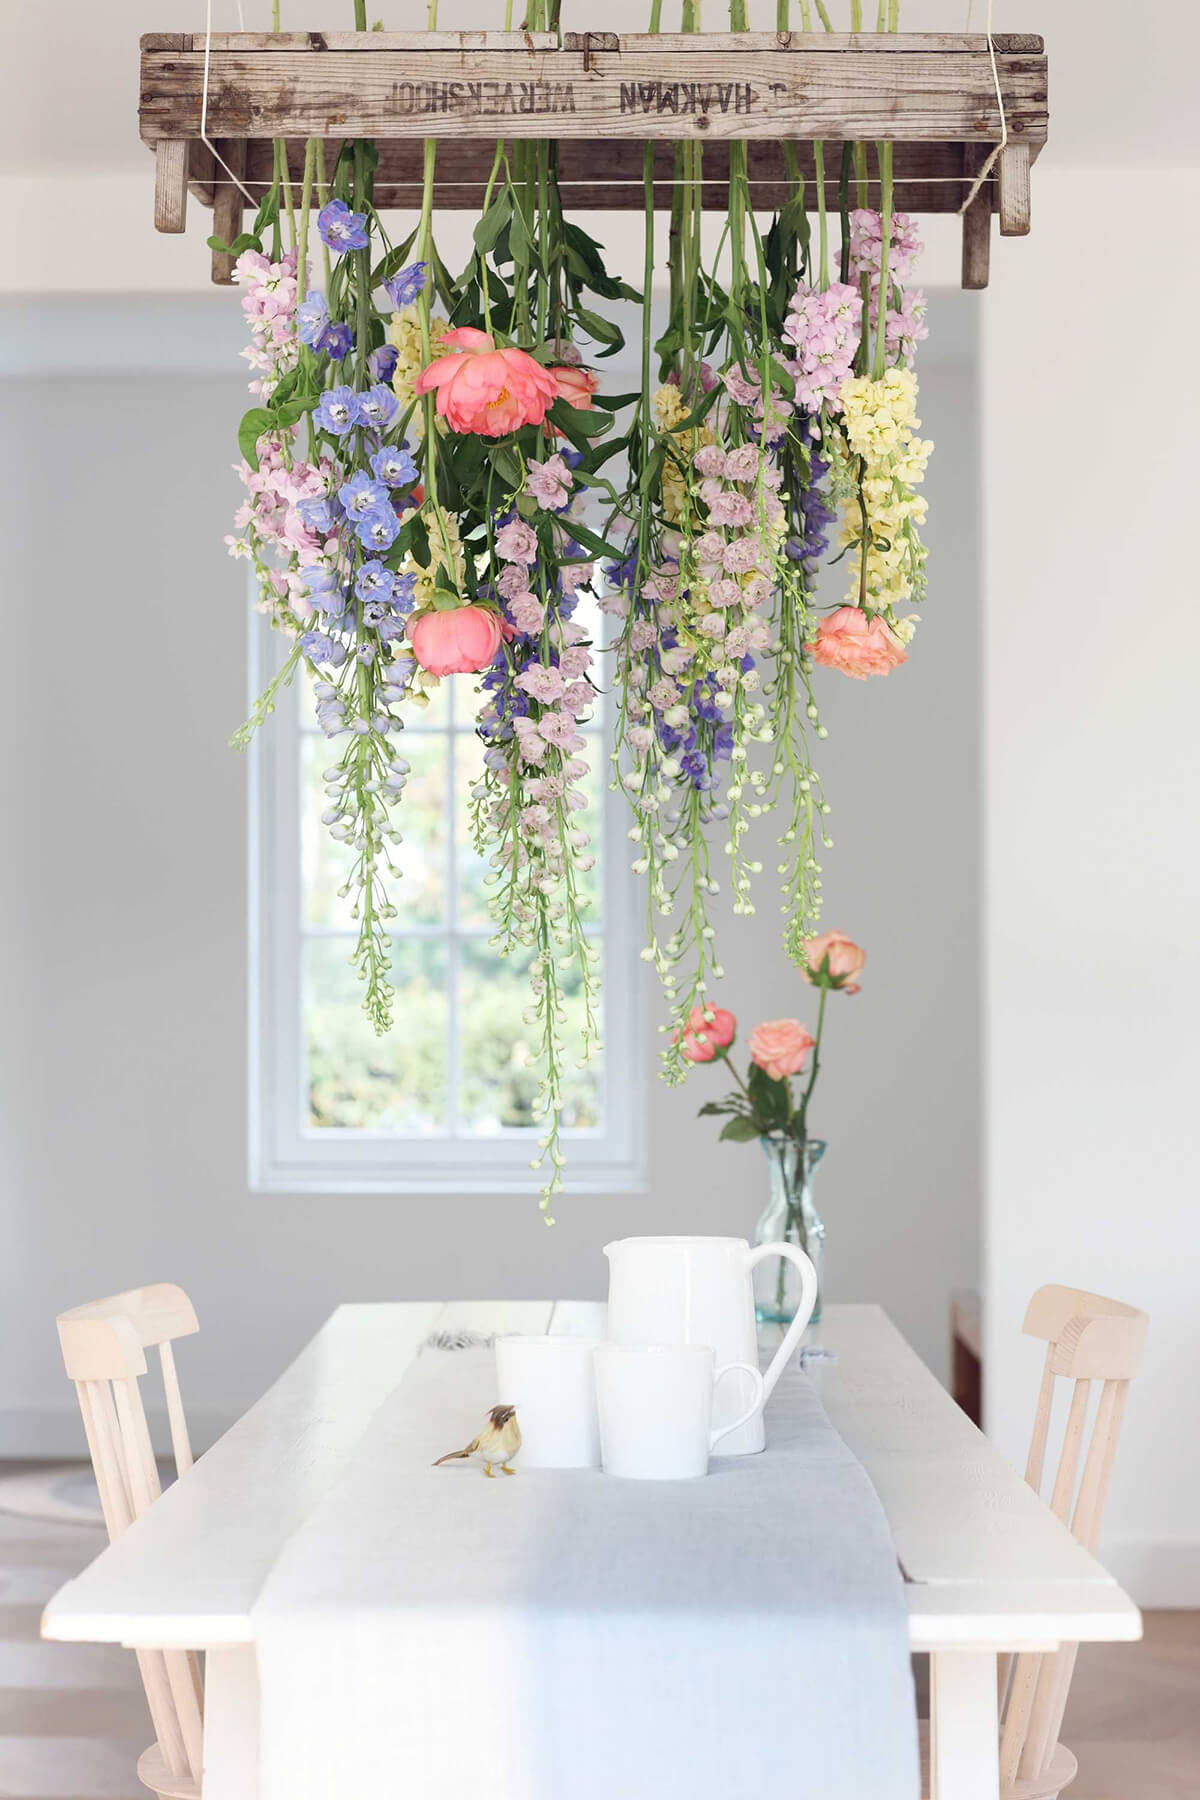 हालांकि अक्सर लोग फूलों को हमेशा वॉस या गमले में लगाकर घर की सजावट करते हैं लेकिन इसके अलावा ऐसे कई तरीके हैं, जिससे आप फूलों को अलग तरीके से डिसप्ले कर सकते हैं।